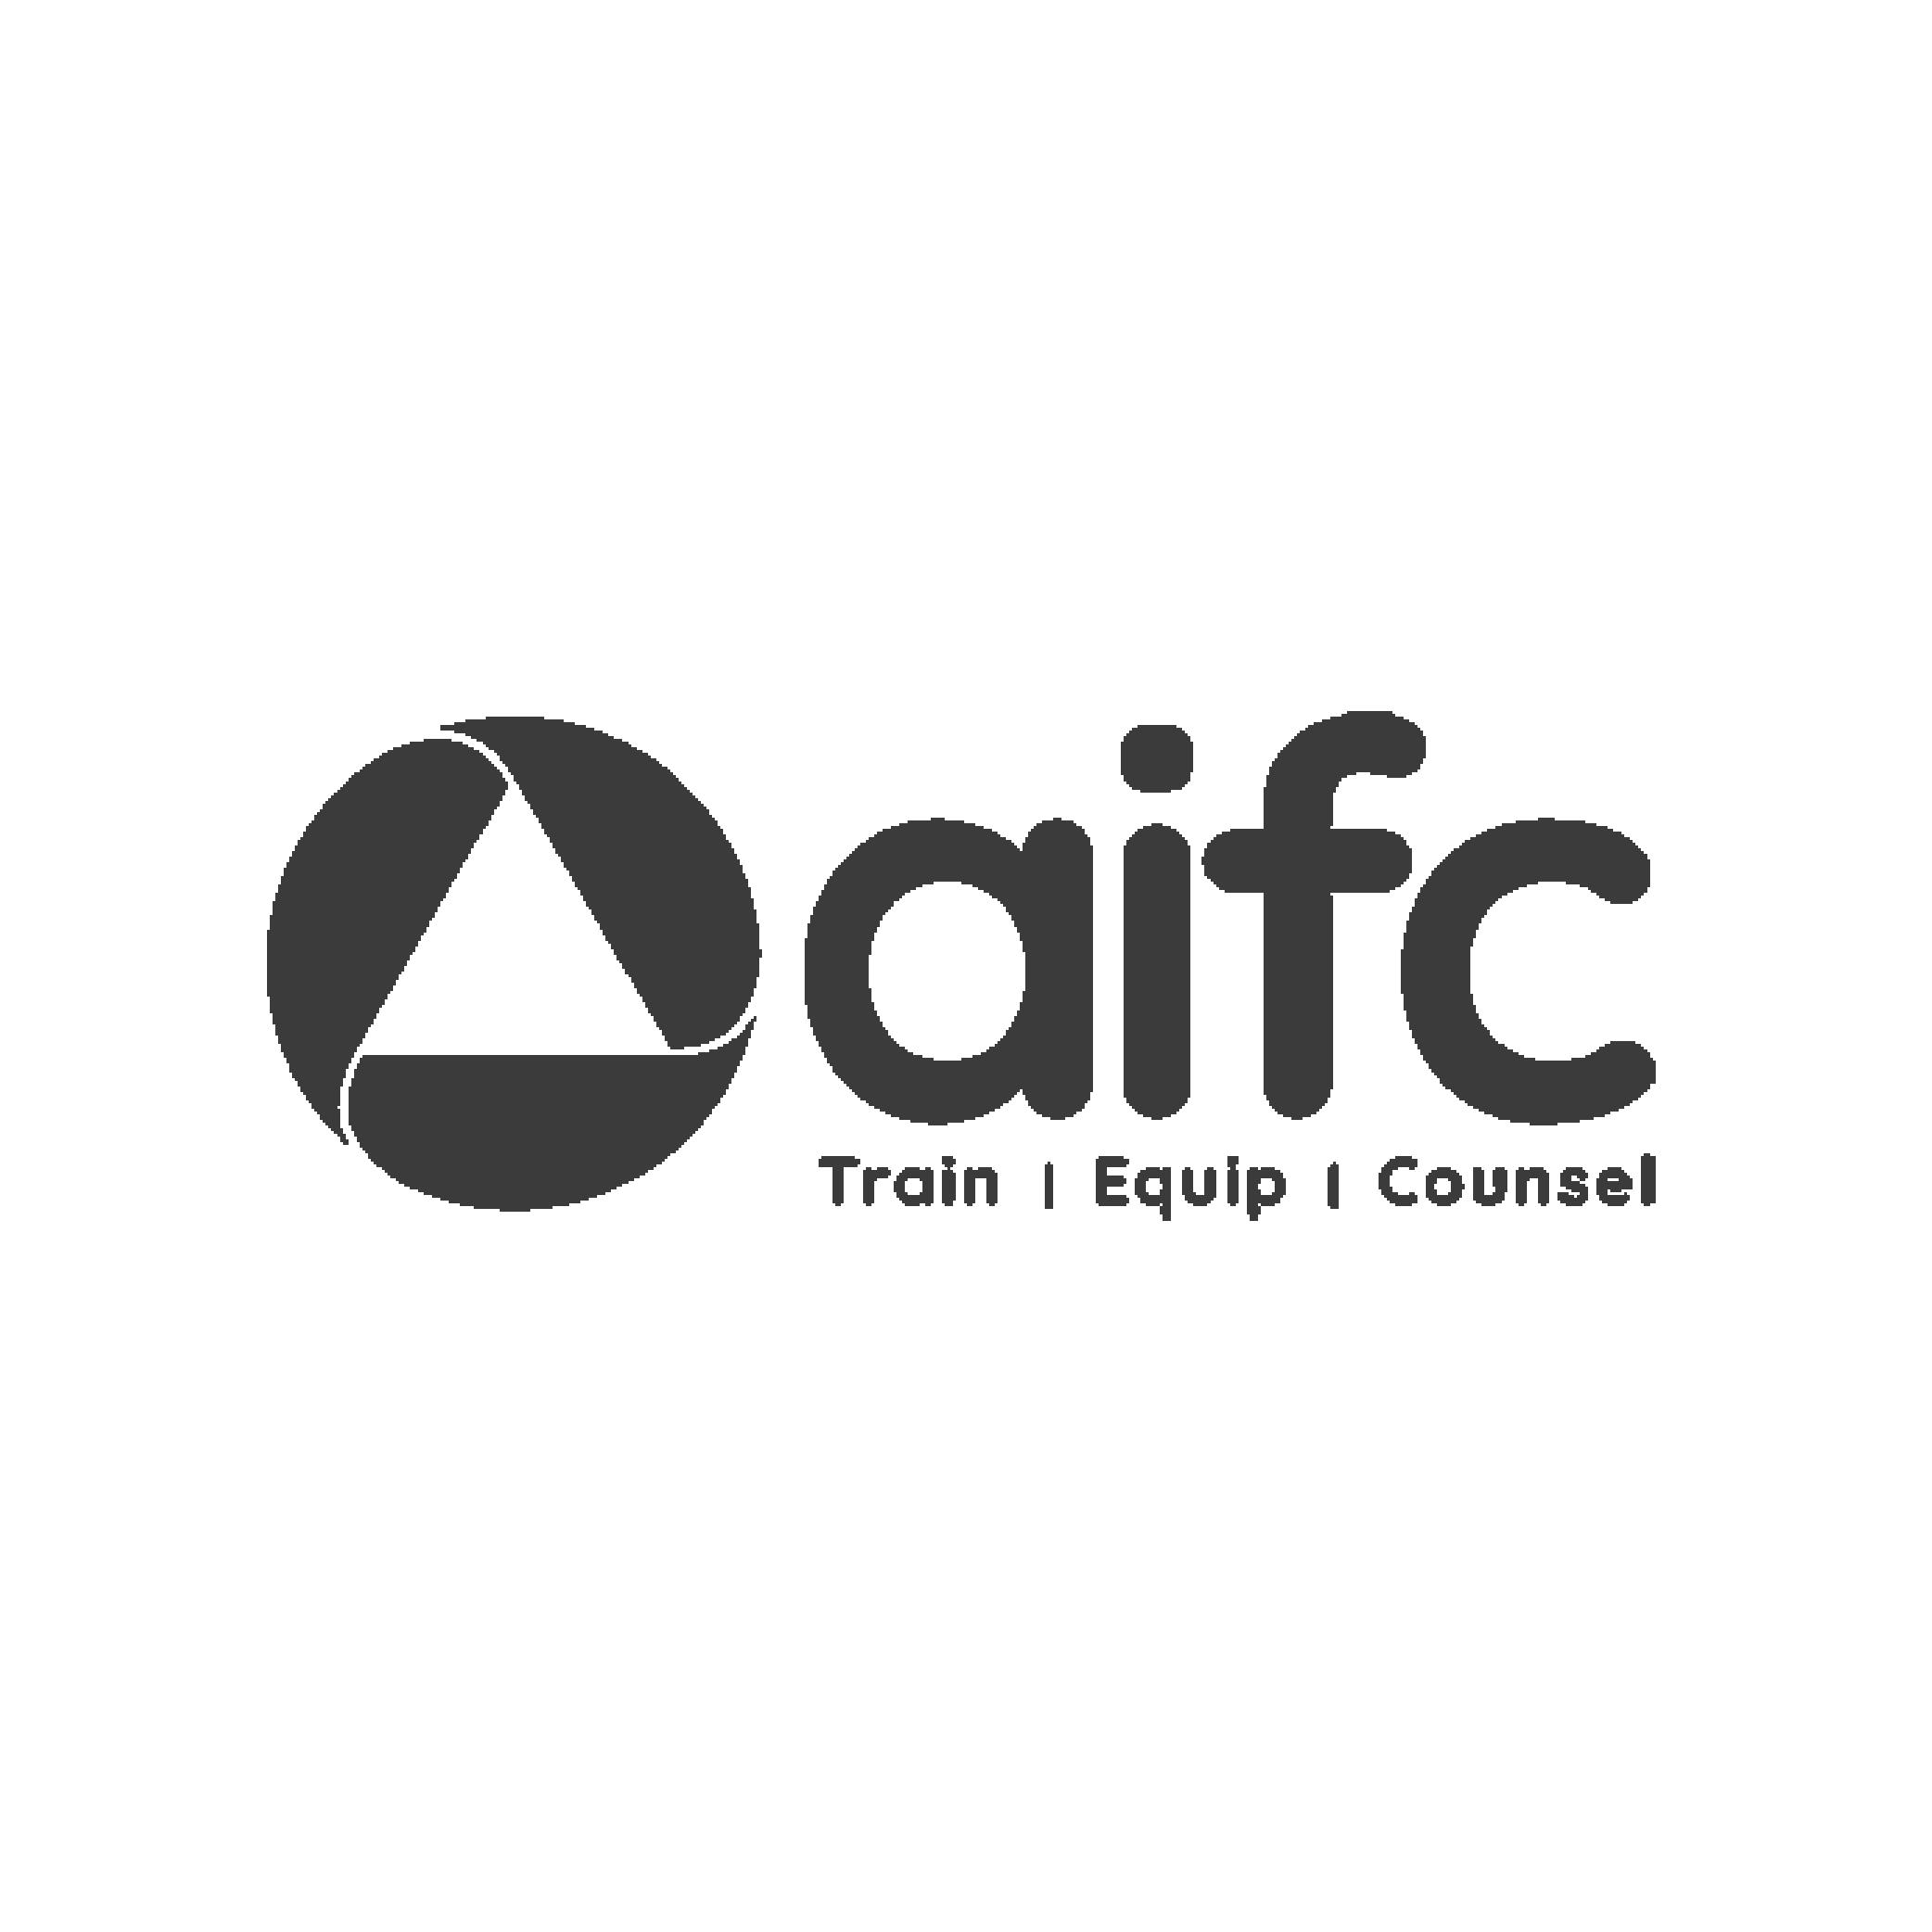 College Logos Square-aifc